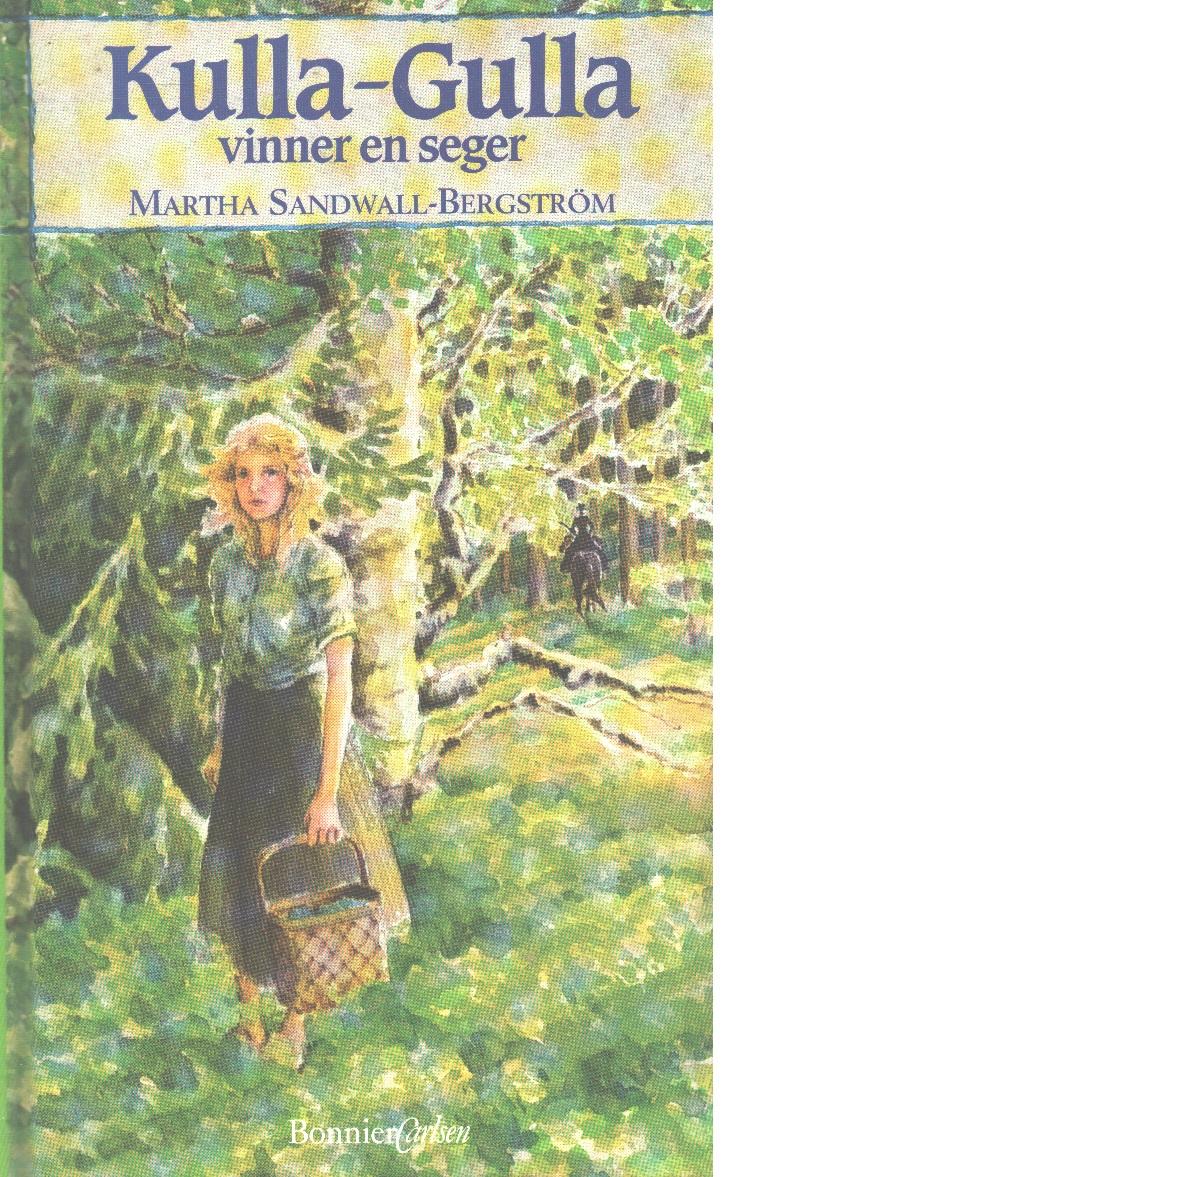 Kulla-Gulla vinner en seger - Sandwall-Bergström, Martha